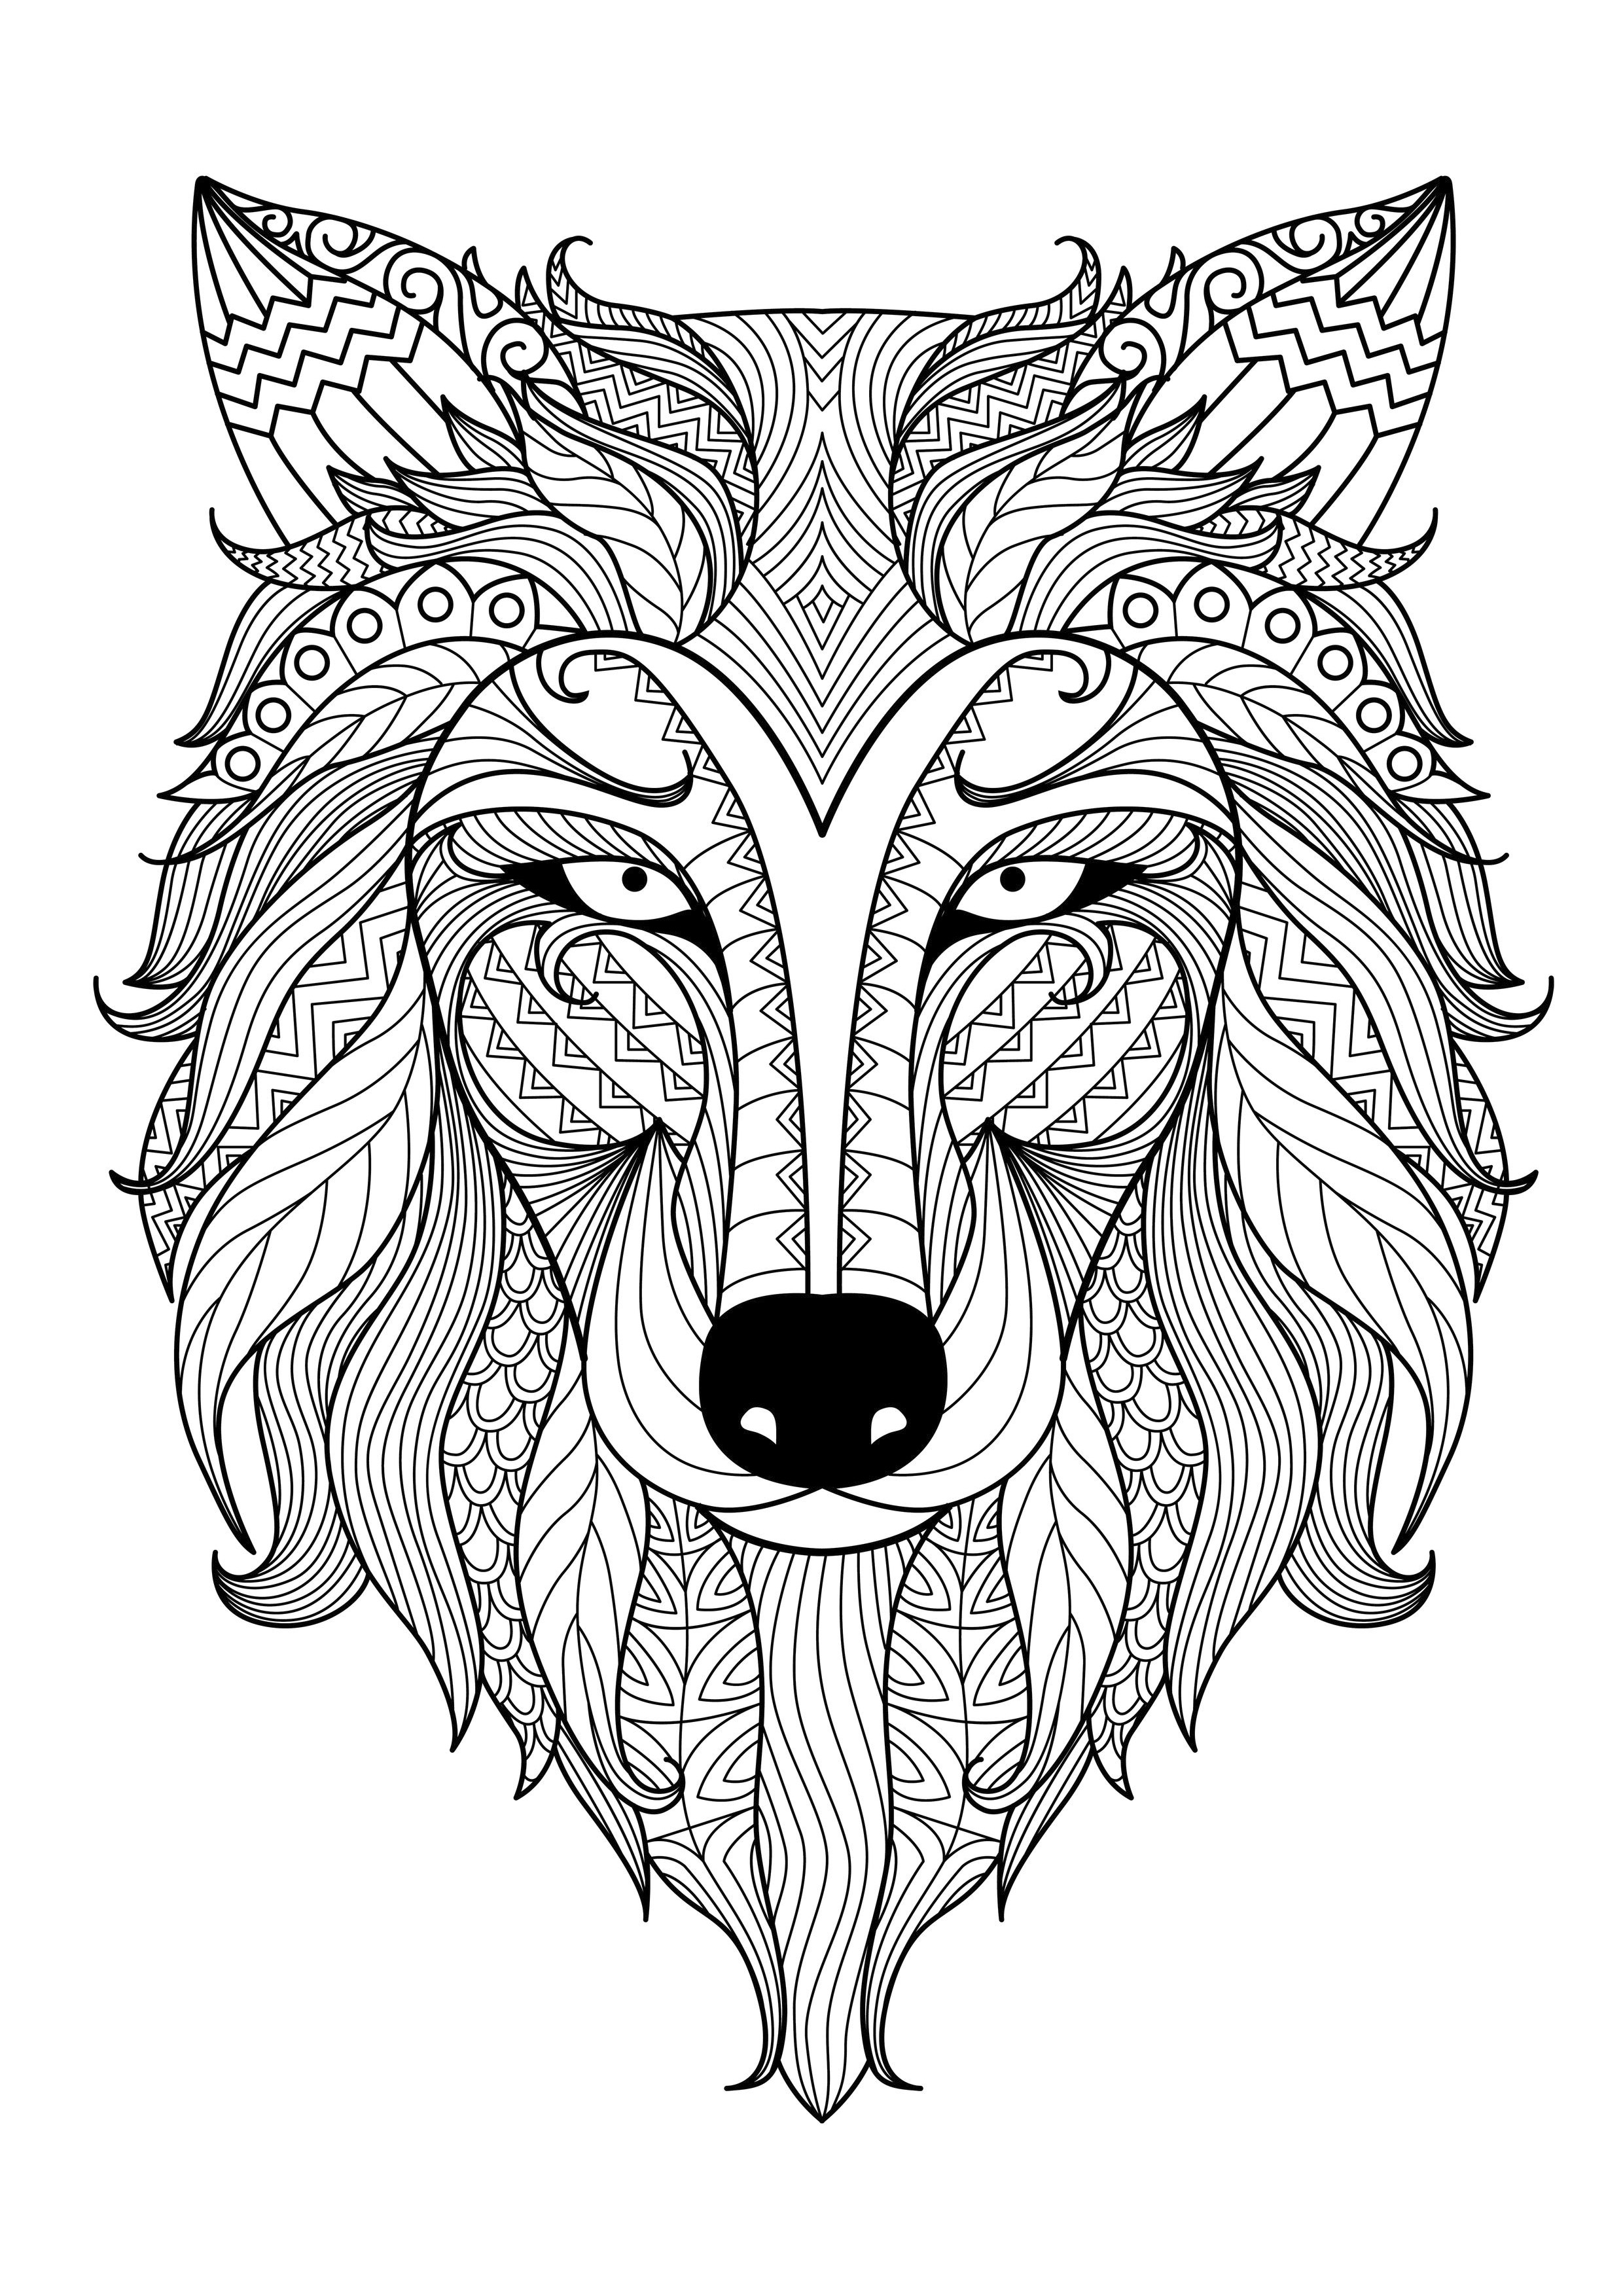 Un incroyable loup et ses nombreux détails, par Bimdeedee (source : 123rf)A partir de la galerie : AnimauxArtiste : Bimdeedee, Source :  123rf